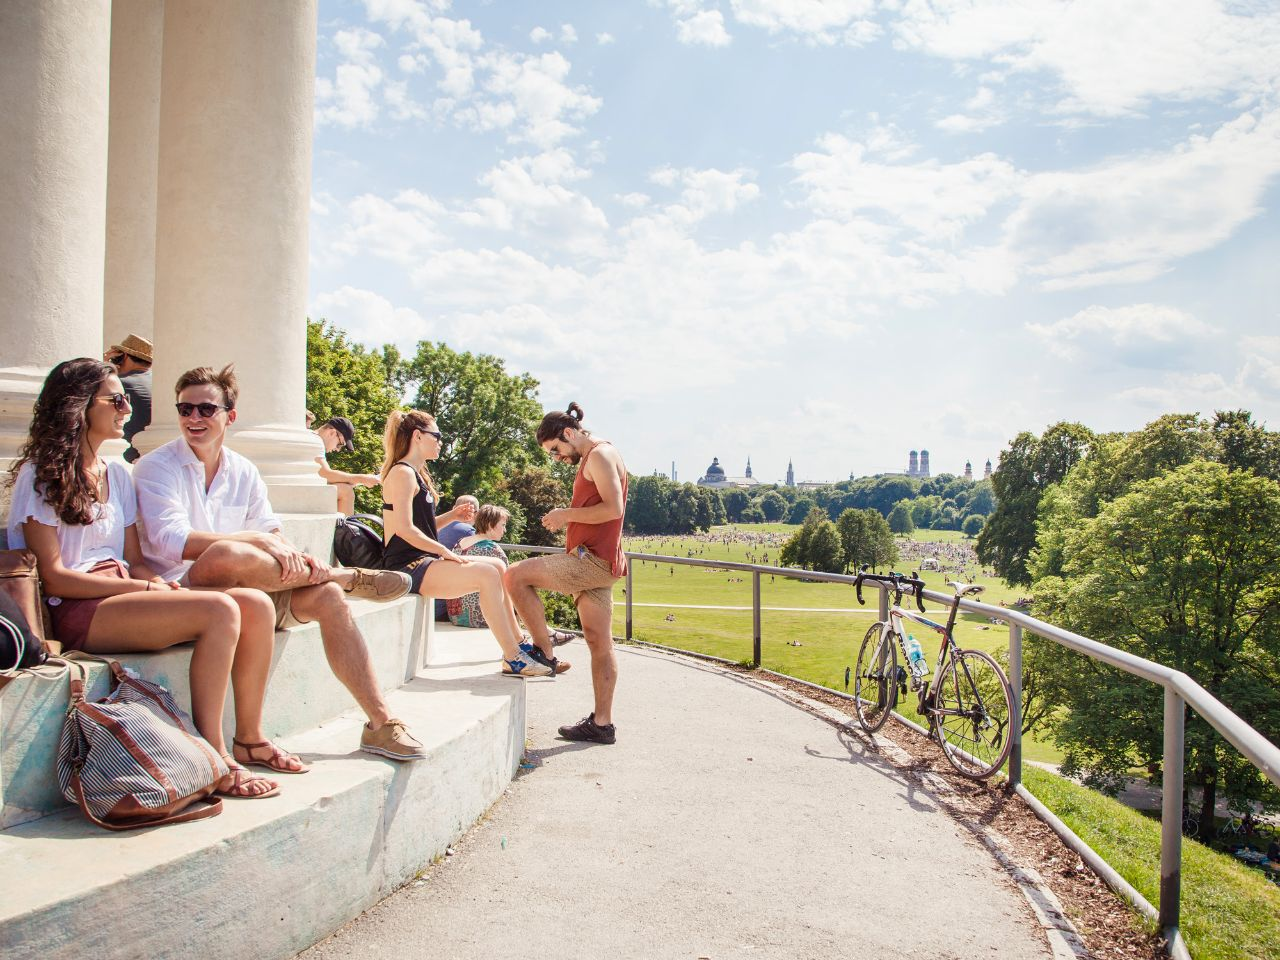 Munich Travel Tourism Munich